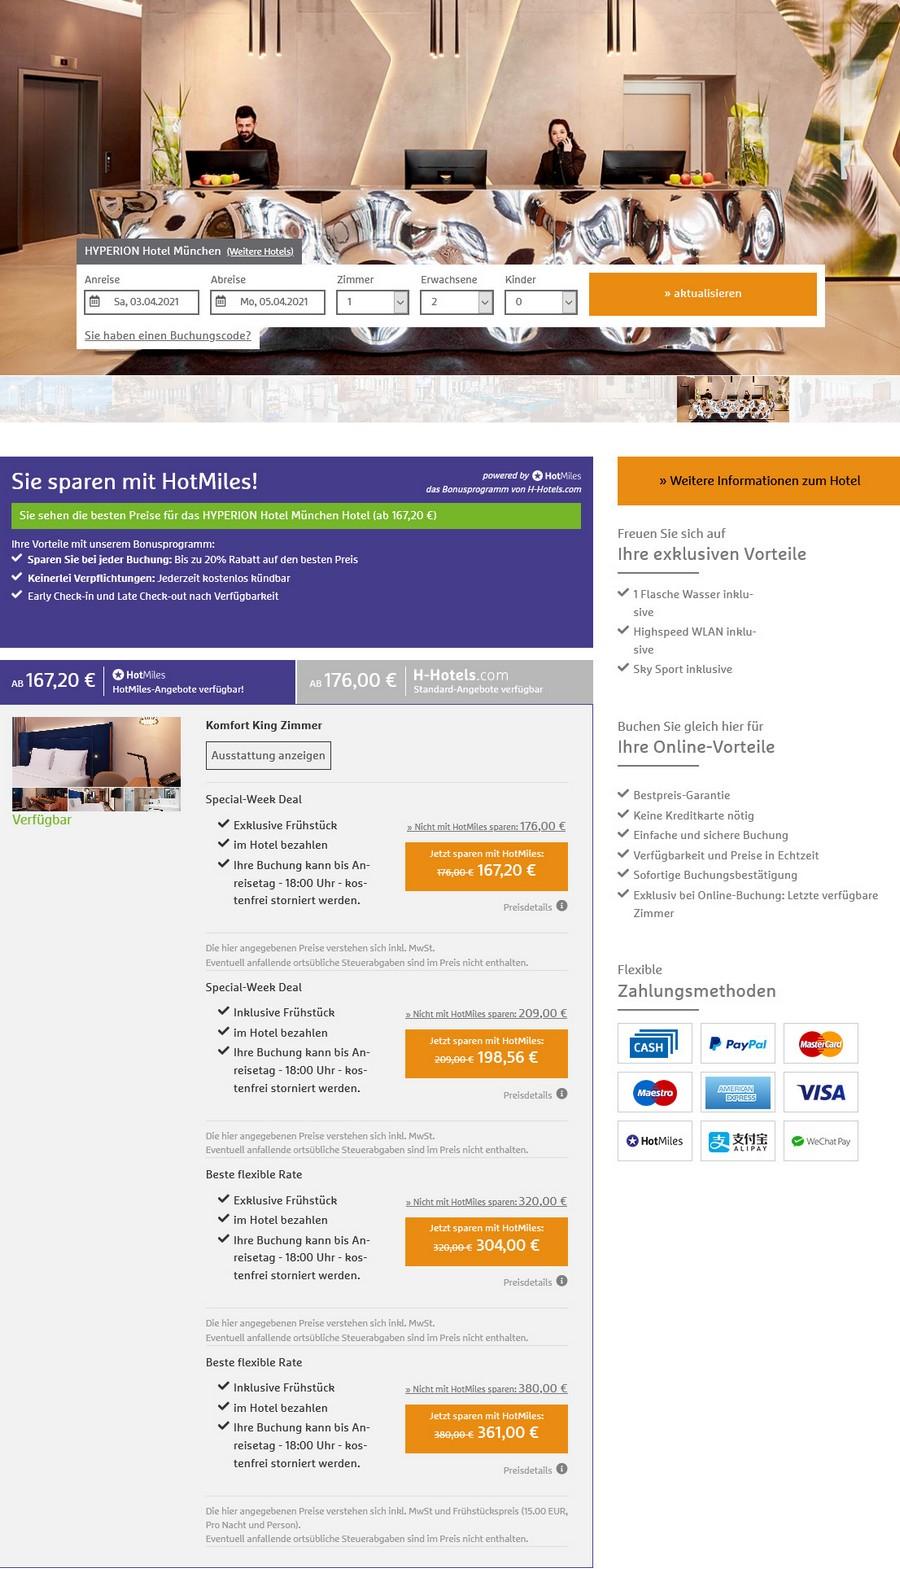 Preisbeispiel H-Hotels Special Week 2020 im Hyperion Hotel München